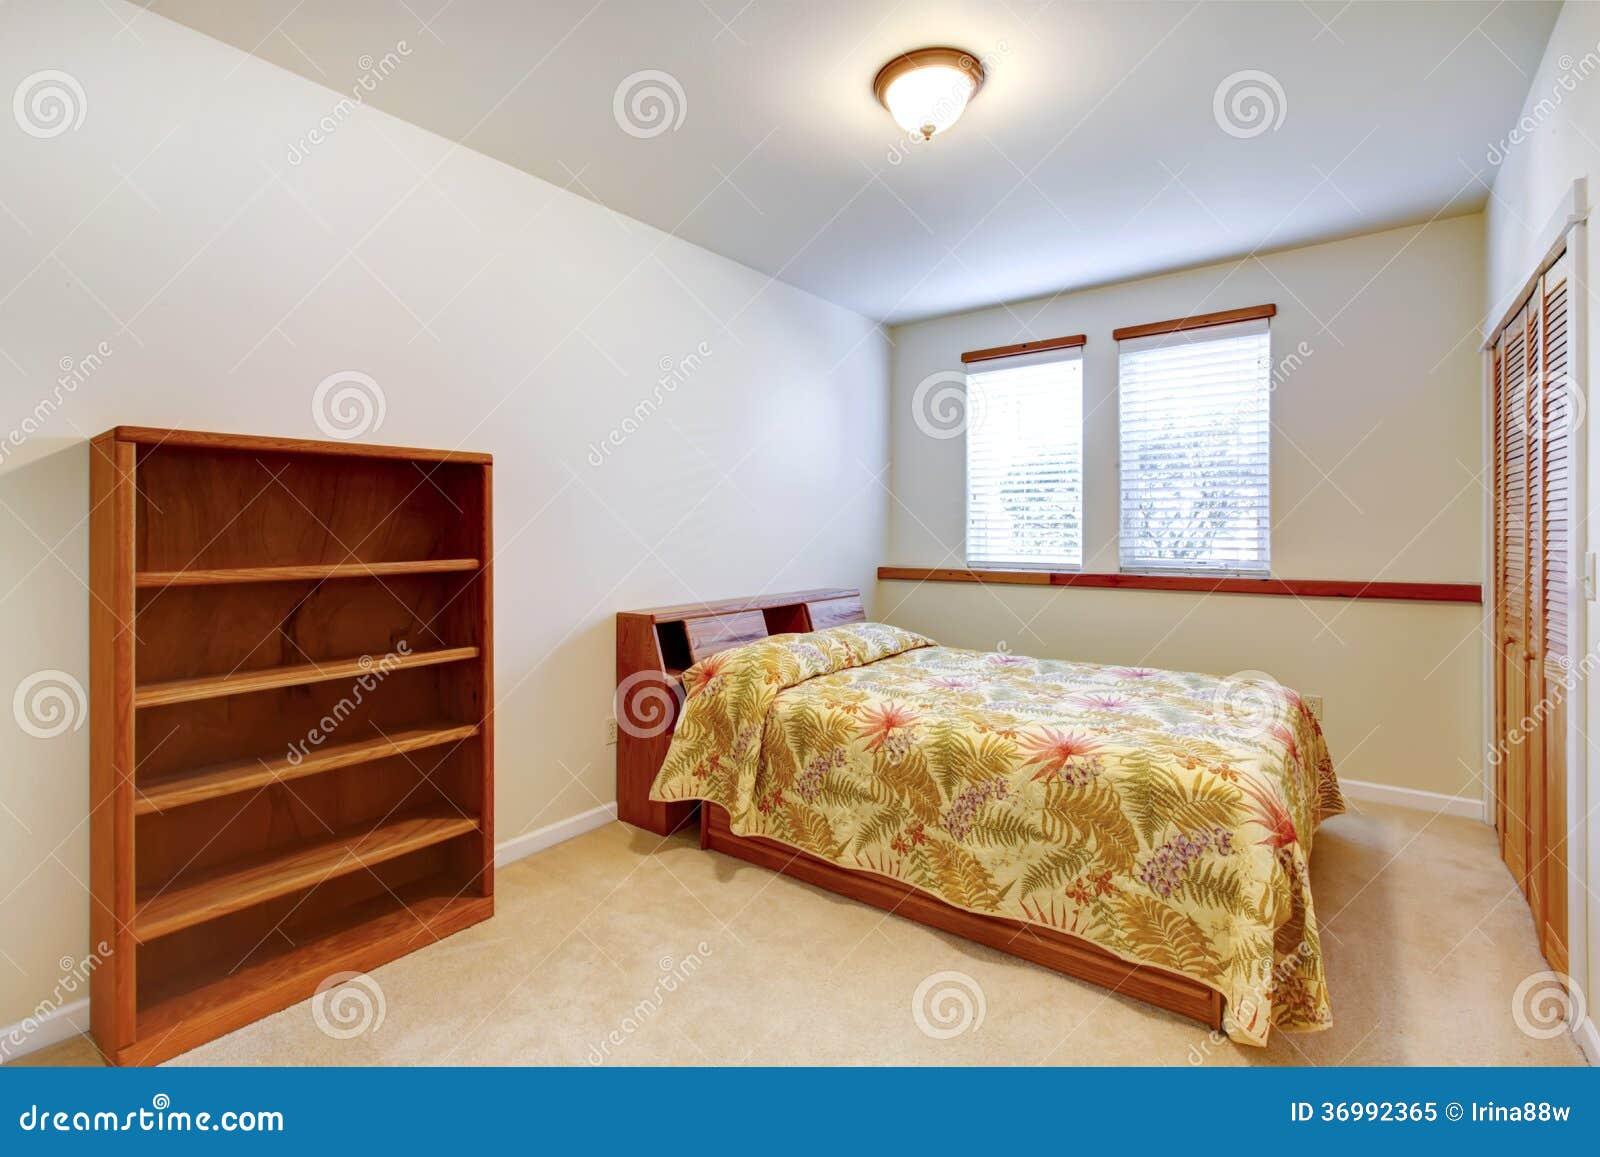 camera da letto semplice calda con mobilia di legno